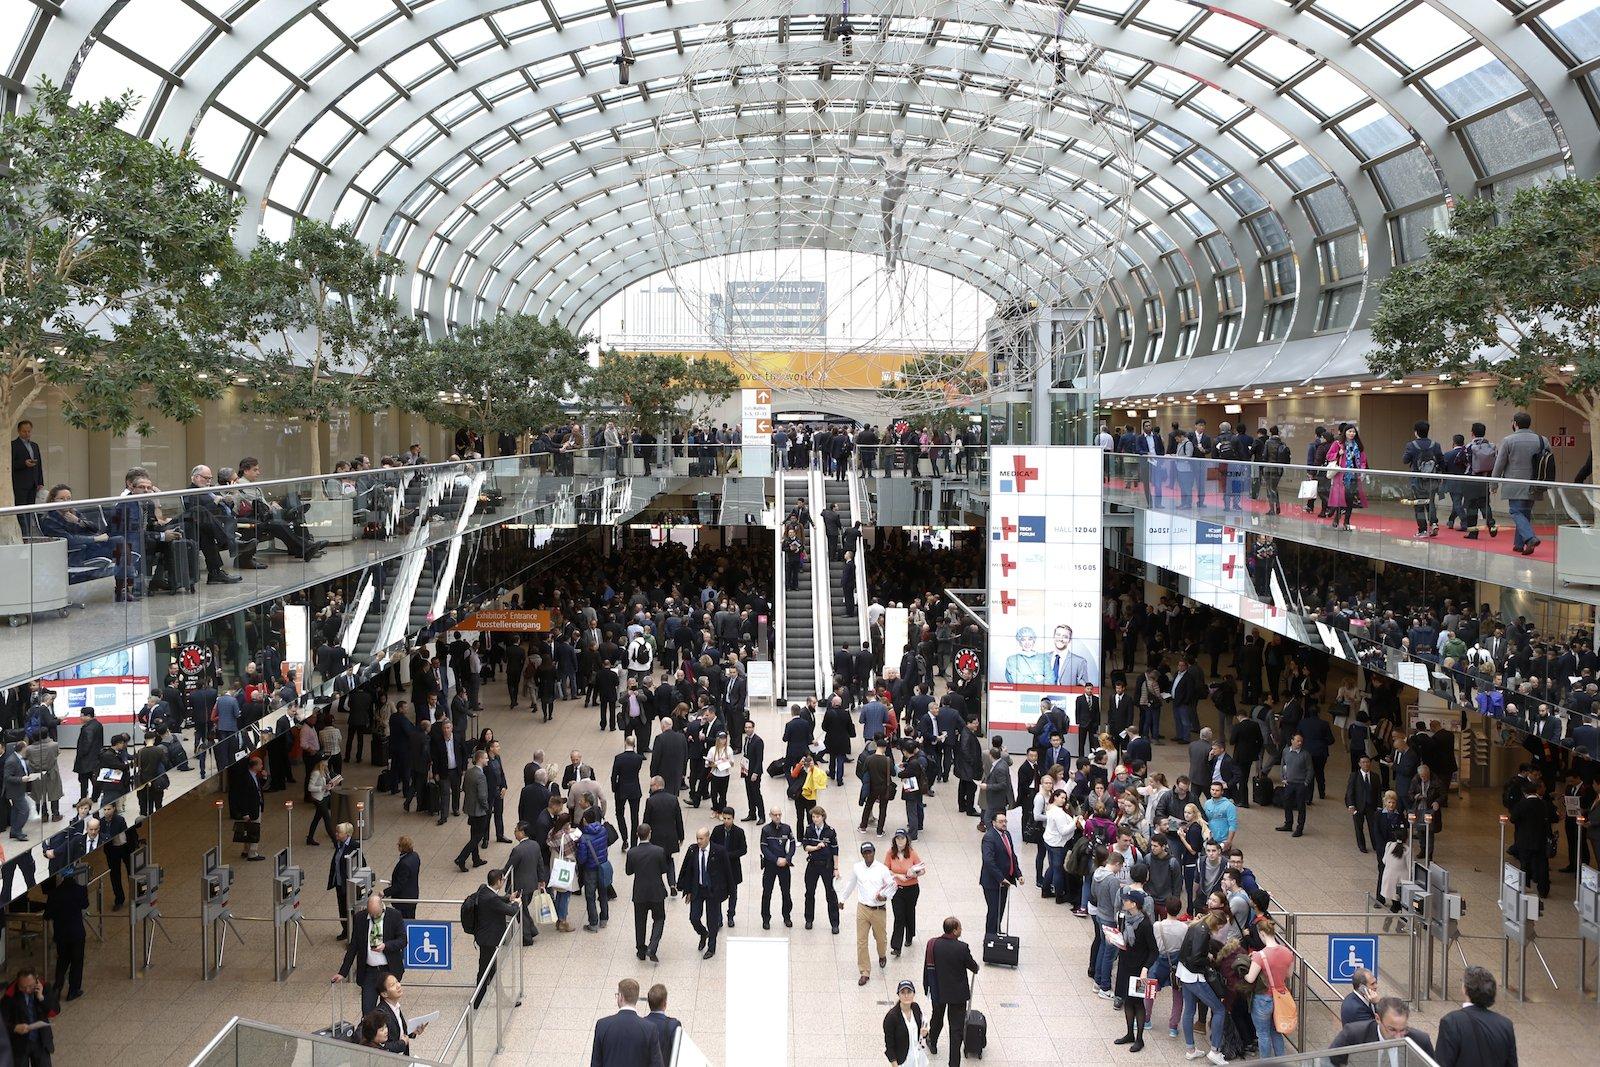 Im Rahmen der weltgrössten MedizinmesseMedica in Düsseldorf informieren sich 130.000 Fachleute, davon mehr als die Hälfte internationale Besucher.